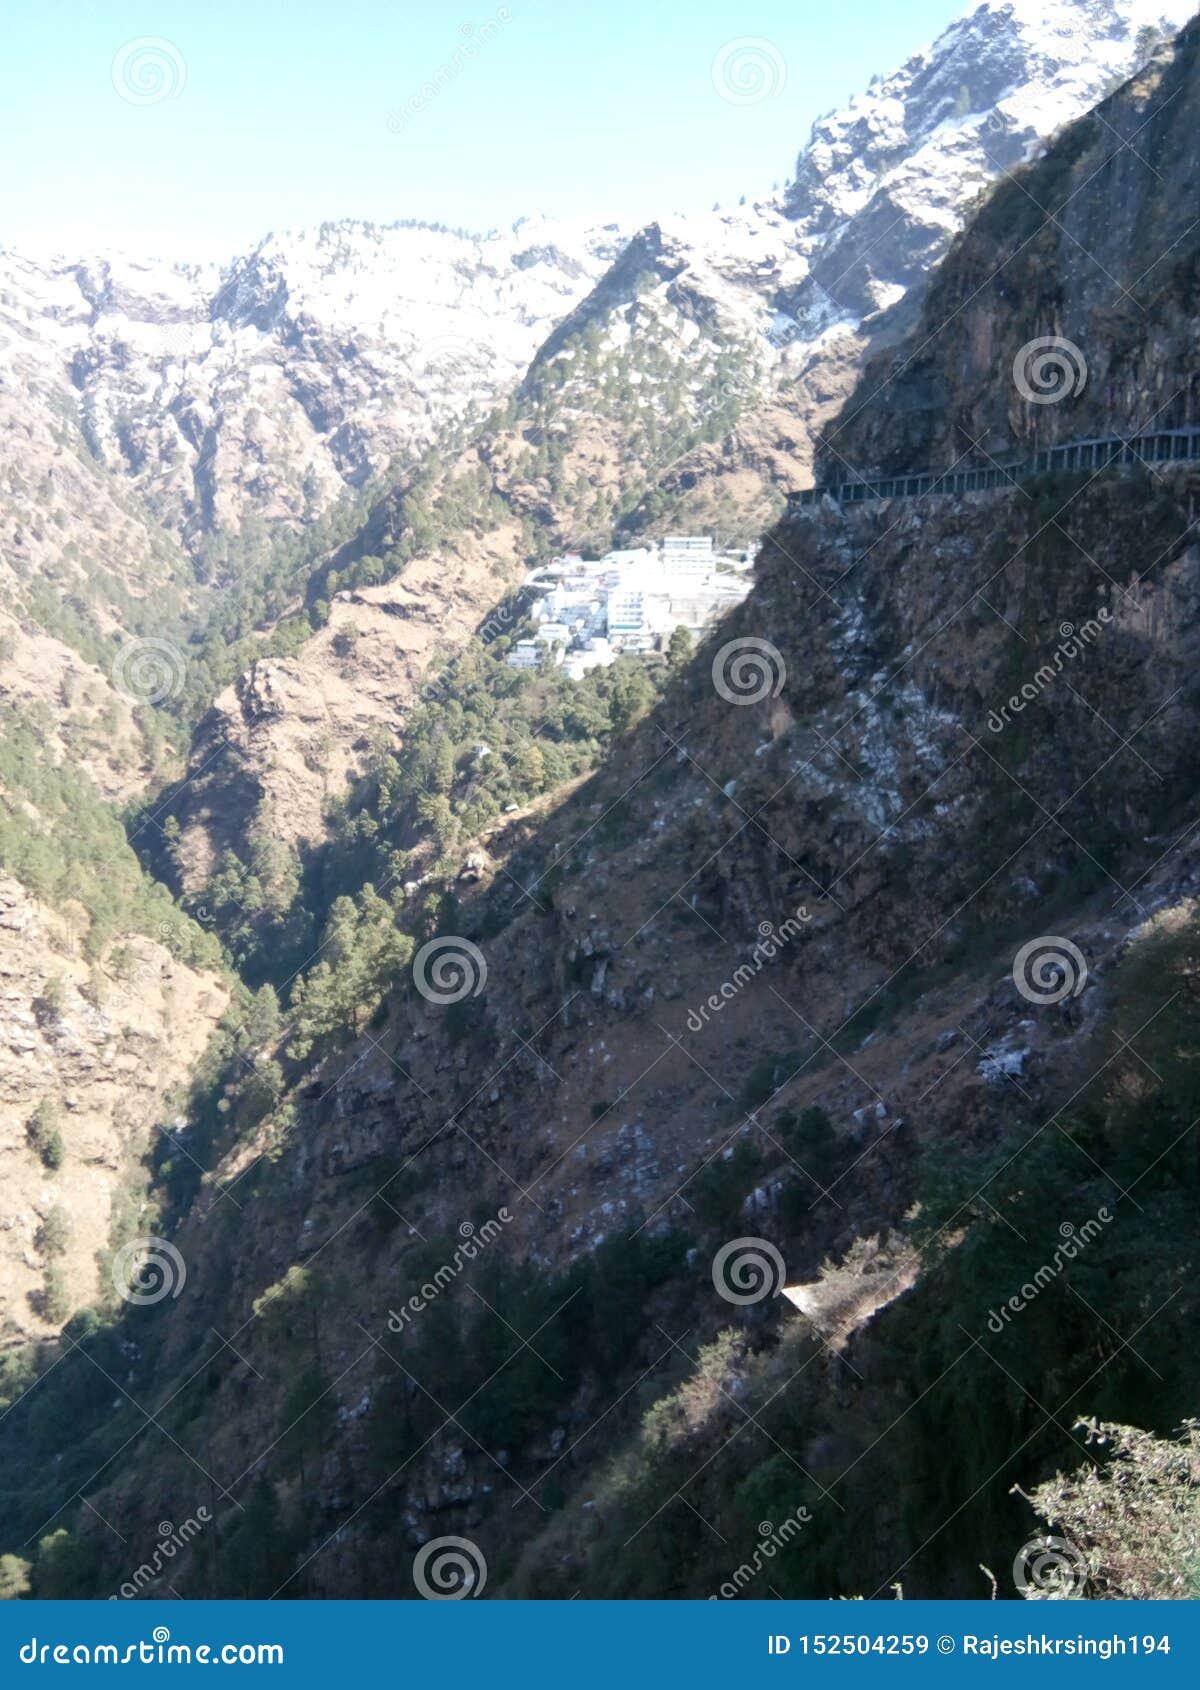 Berg & valleien in Katra, J & K, India omvat met sneeuw bij piek